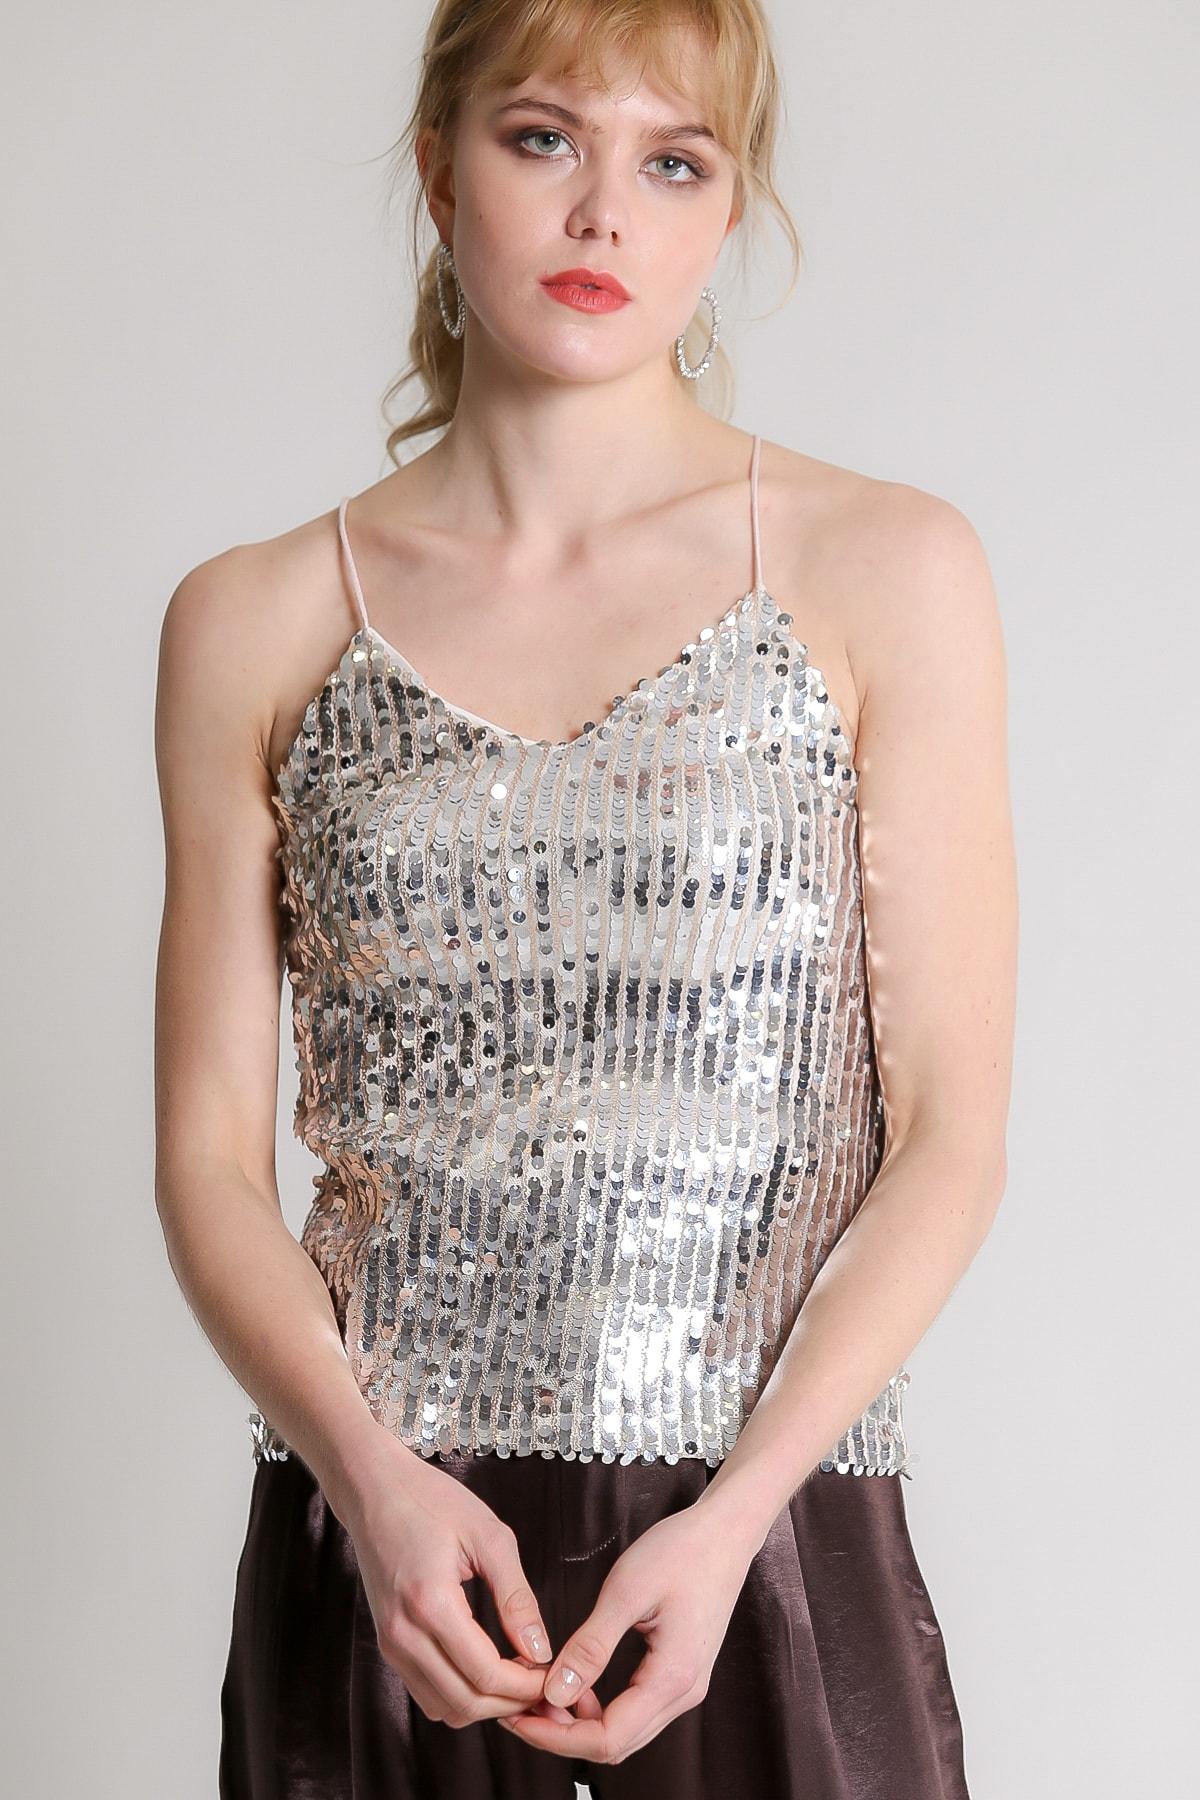 Chiccy Kadın Gümüş Retro Askılı Balık Pul Payetli Bluz M10010200BL96731